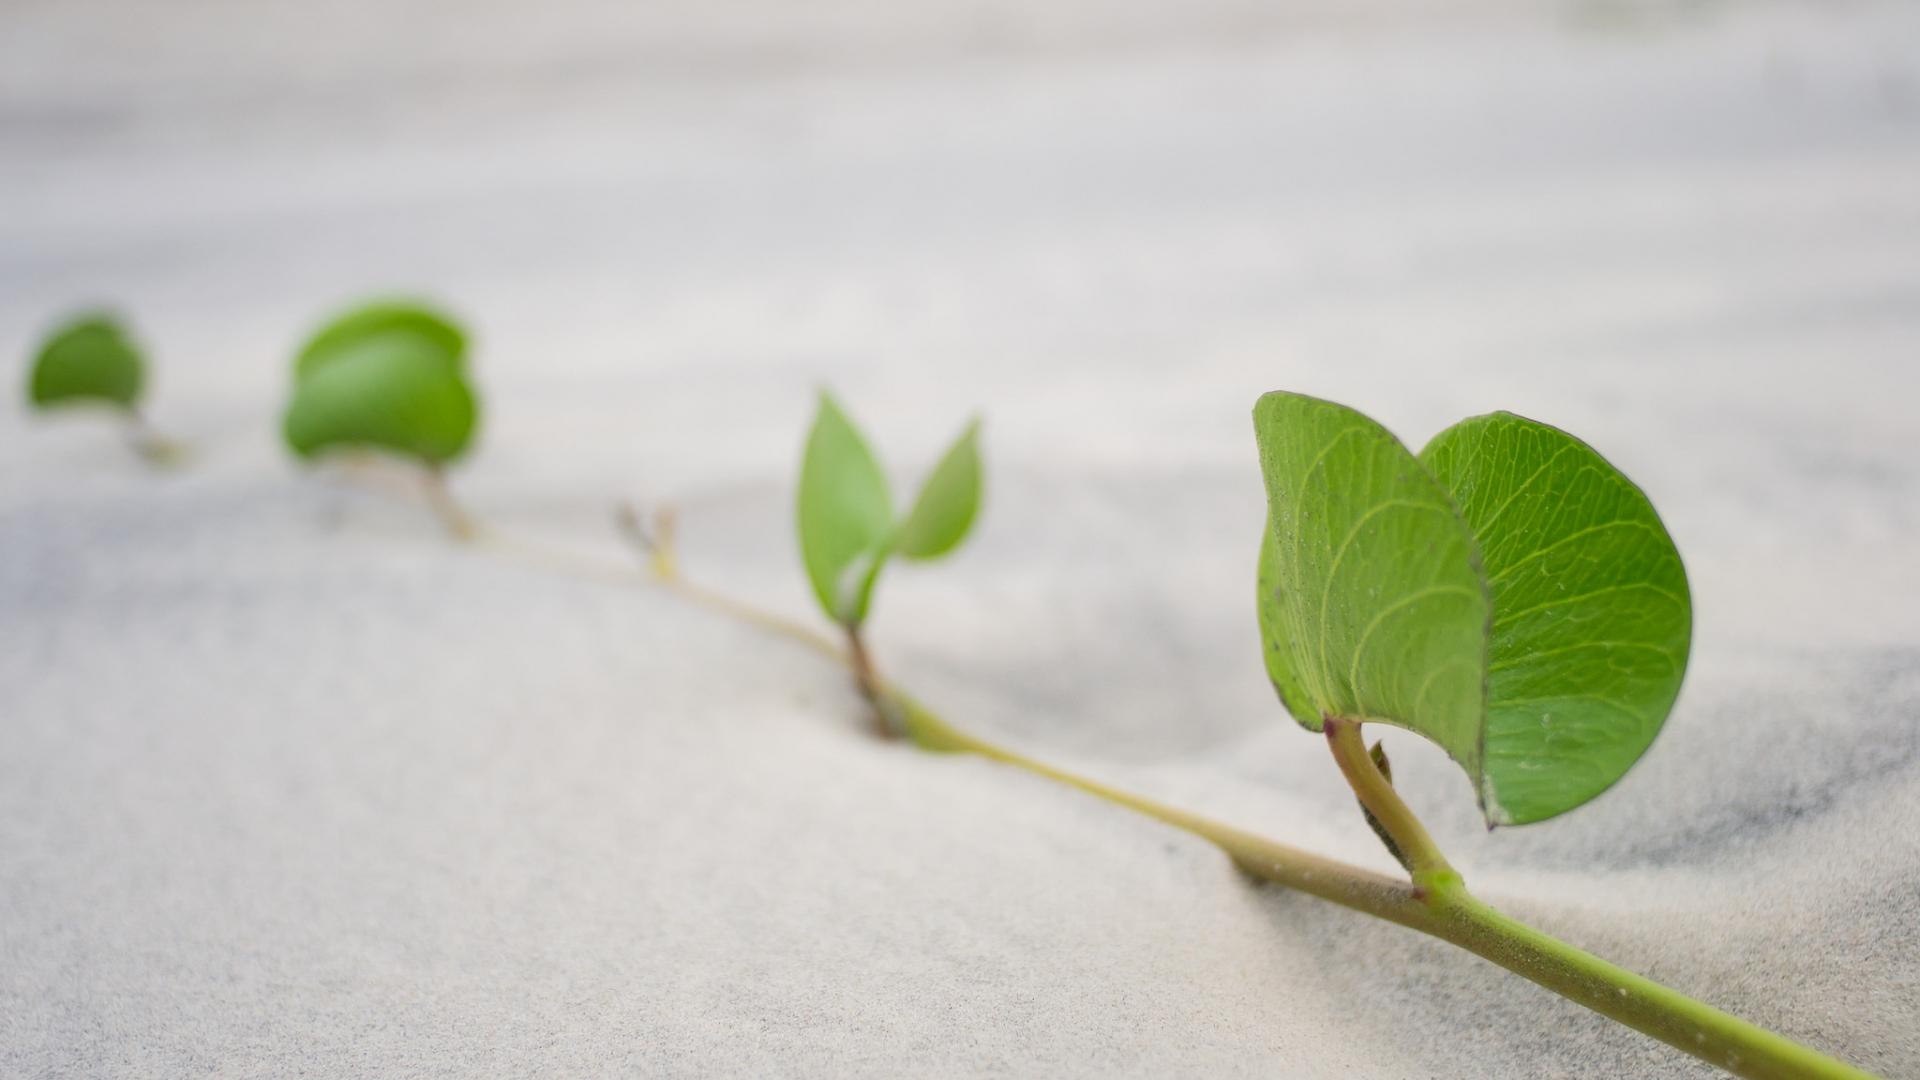 Hojas de plantas en la arena - 1920x1080